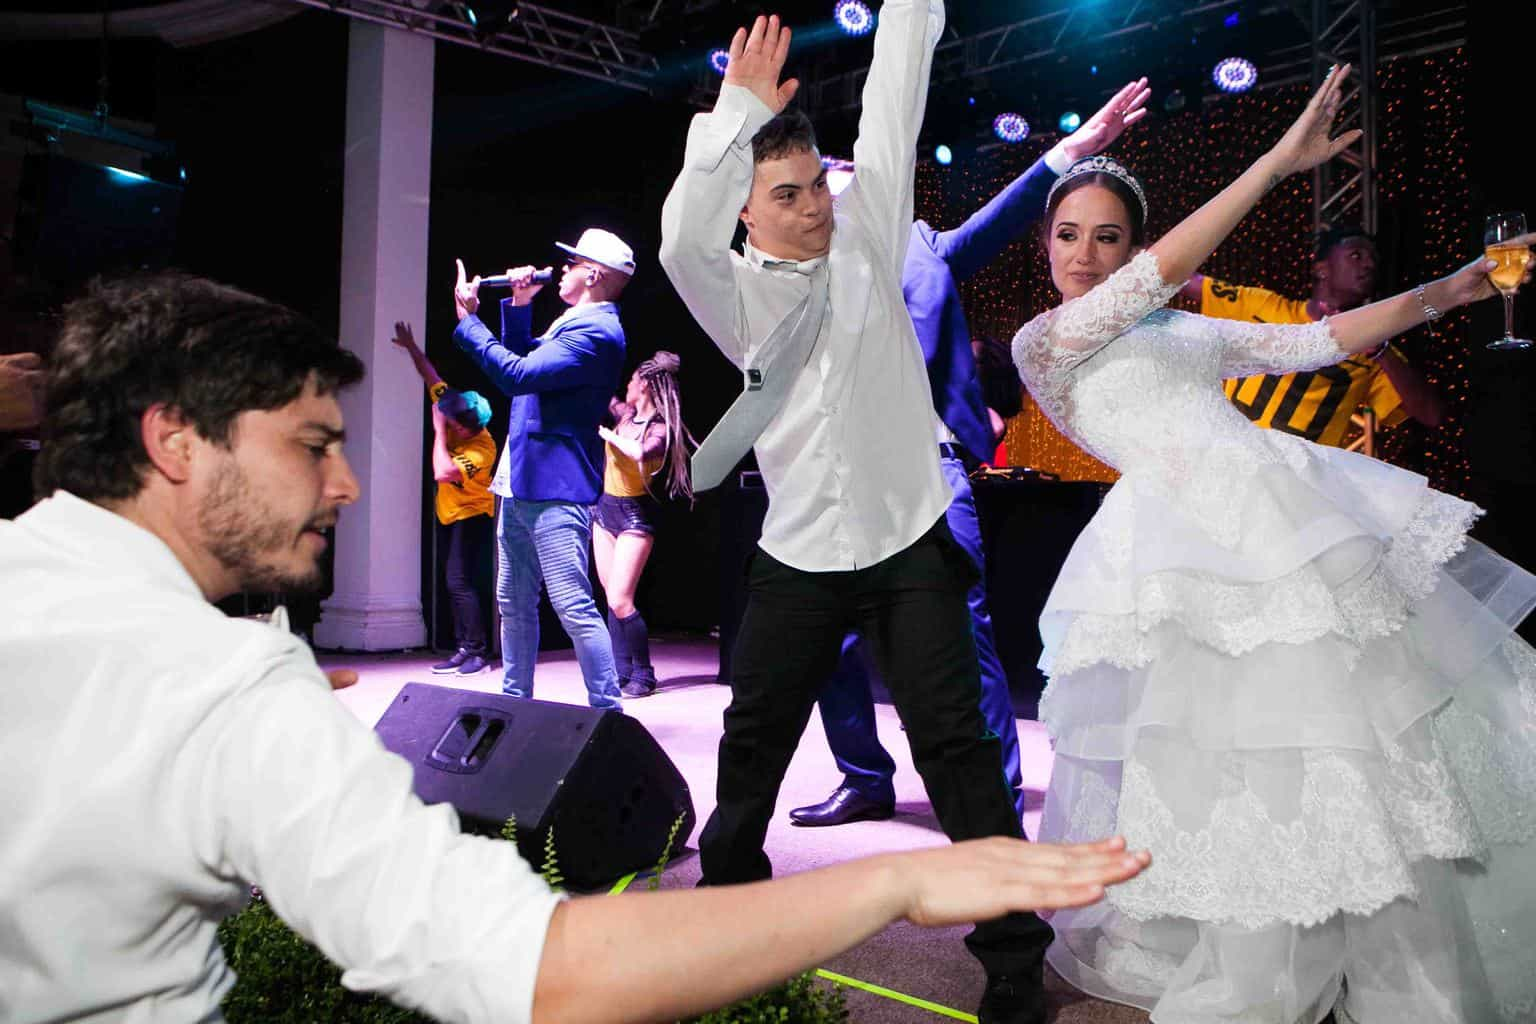 Casamento-Clássico-Casamento-tradicional-Copacabana-Palace-MC-Koringa-Monica-Roias-Ribas-Foto-e-Vídeo-Tuanny-e-Bernardo-CaseMe-3